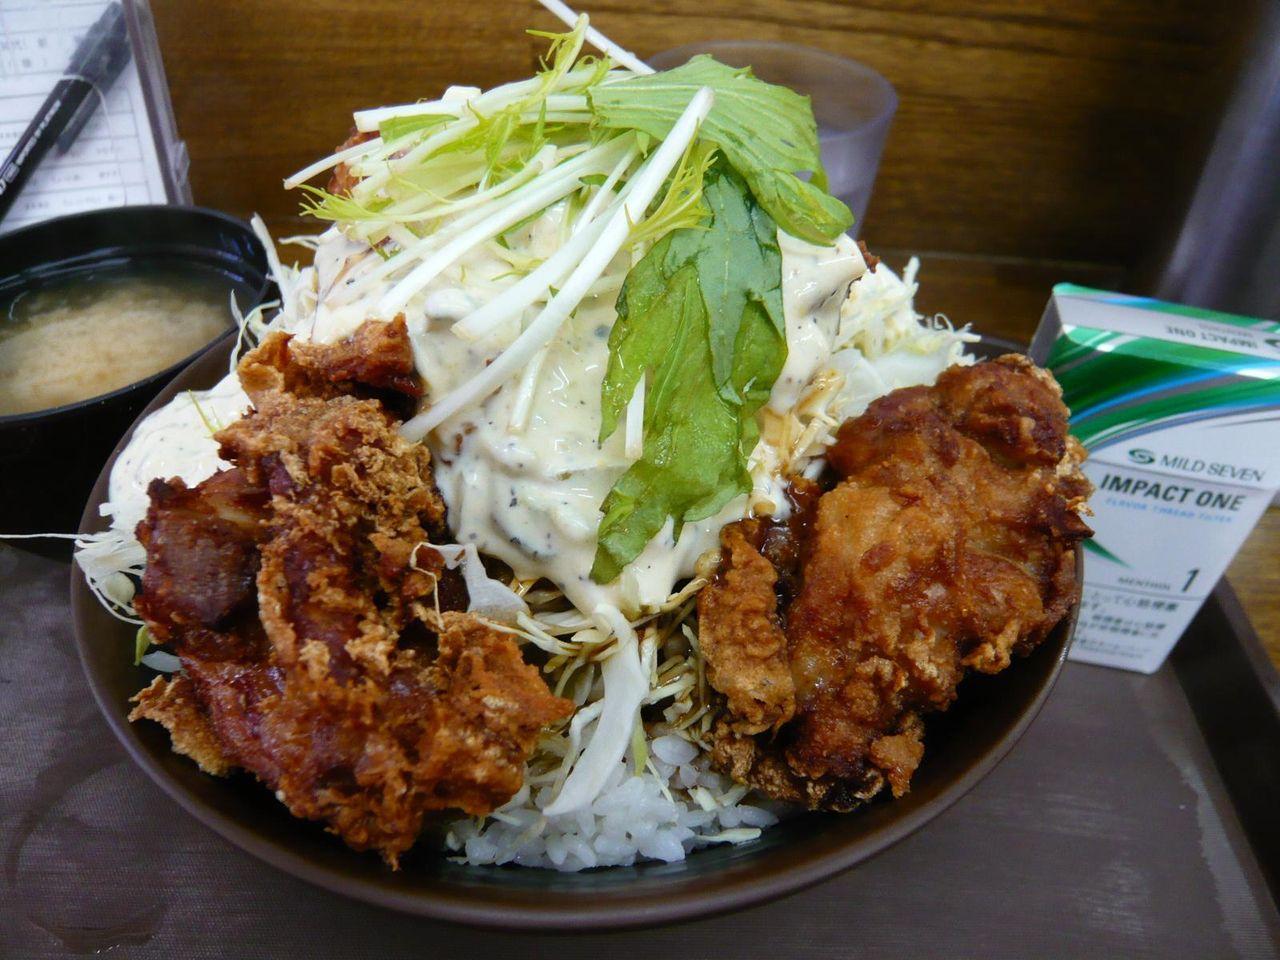 吉祥寺どんぶりのタルタル唐揚げ丼(並)690円